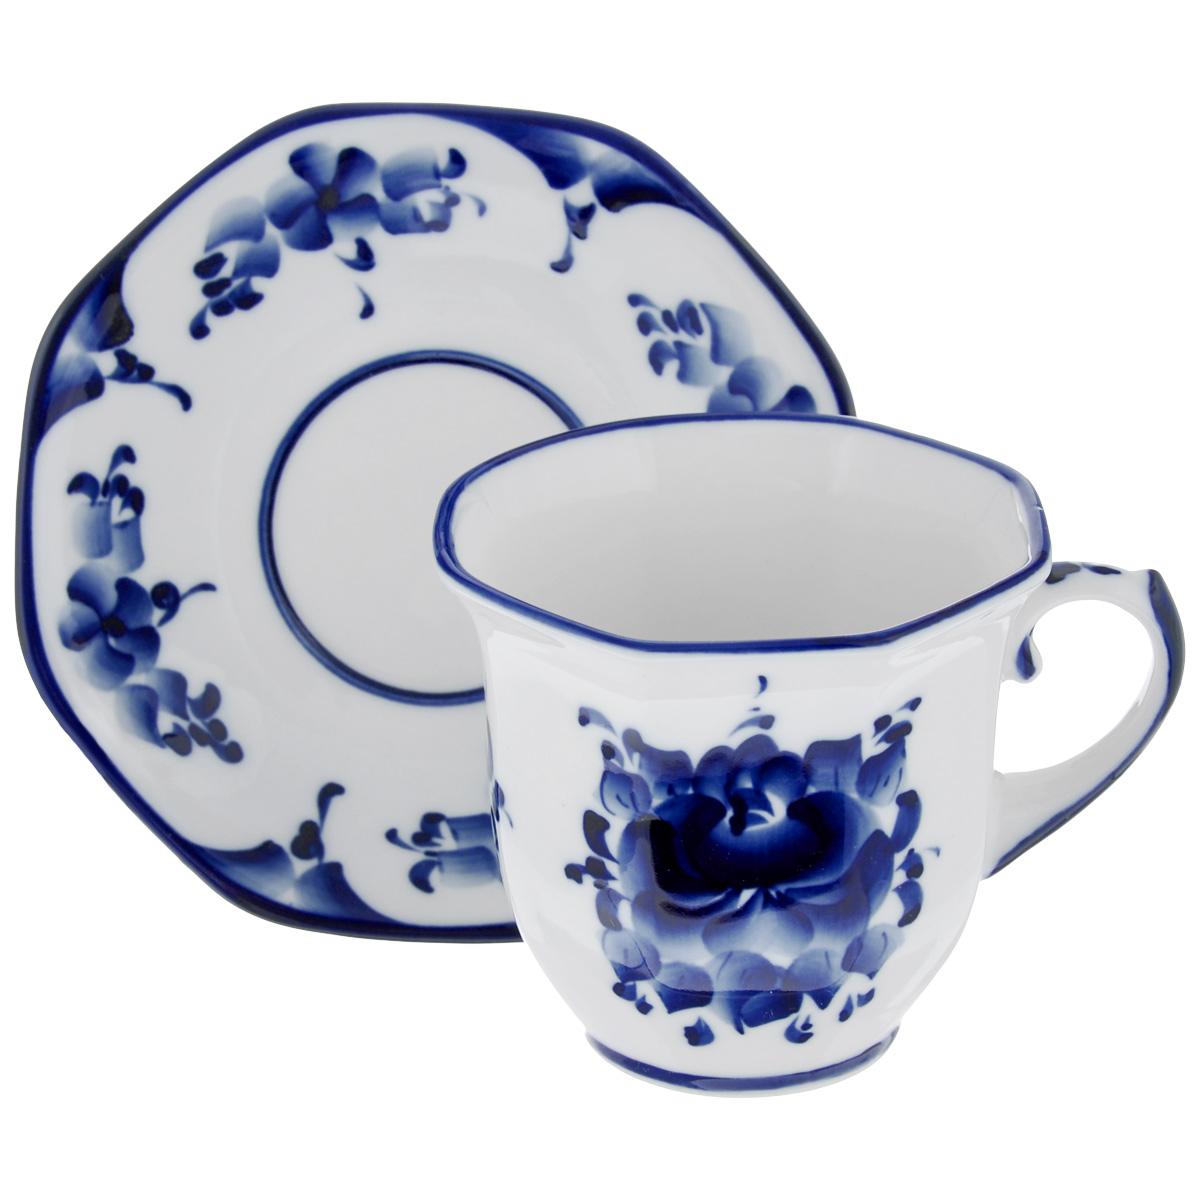 Чайная пара Граненая, цвет: белый, синий, 2 предмета. 993066411993066411Чайная пара Граненая состоит из чашки и блюдца, изготовленных из фарфора белого цвета, и расписаны вручную. Яркий дизайн, несомненно, придется вам по вкусу.Чайная пара Граненая украсит ваш кухонный стол, а также станет замечательным подарком к любому празднику.Не применять абразивные чистящие средства. Не использовать в микроволновой печи. Мыть с применением нейтральных моющих средств. Не рекомендуется использовать в посудомоечных машинах.Объем чашки: 300 мл.Диаметр чашки по верхнему краю: 10 см.Диаметр основания: 5 см.Высота чашки: 8,5 см.Диаметр блюдца: 15 см.